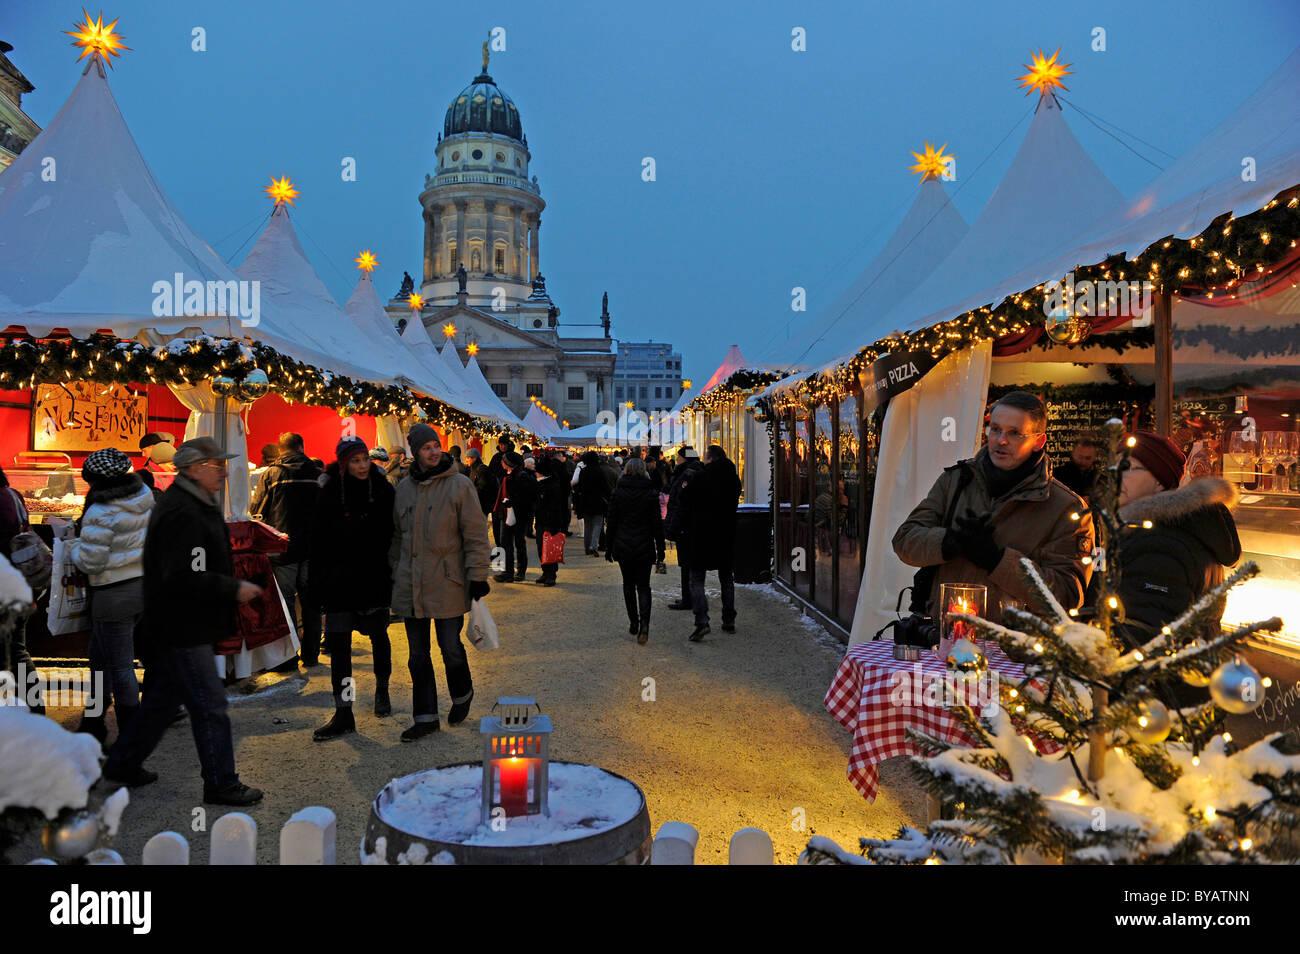 Weihnachtsmarkt am Gendarmenmarkt-Platz, Berlin, Deutschland, Europa Stockbild